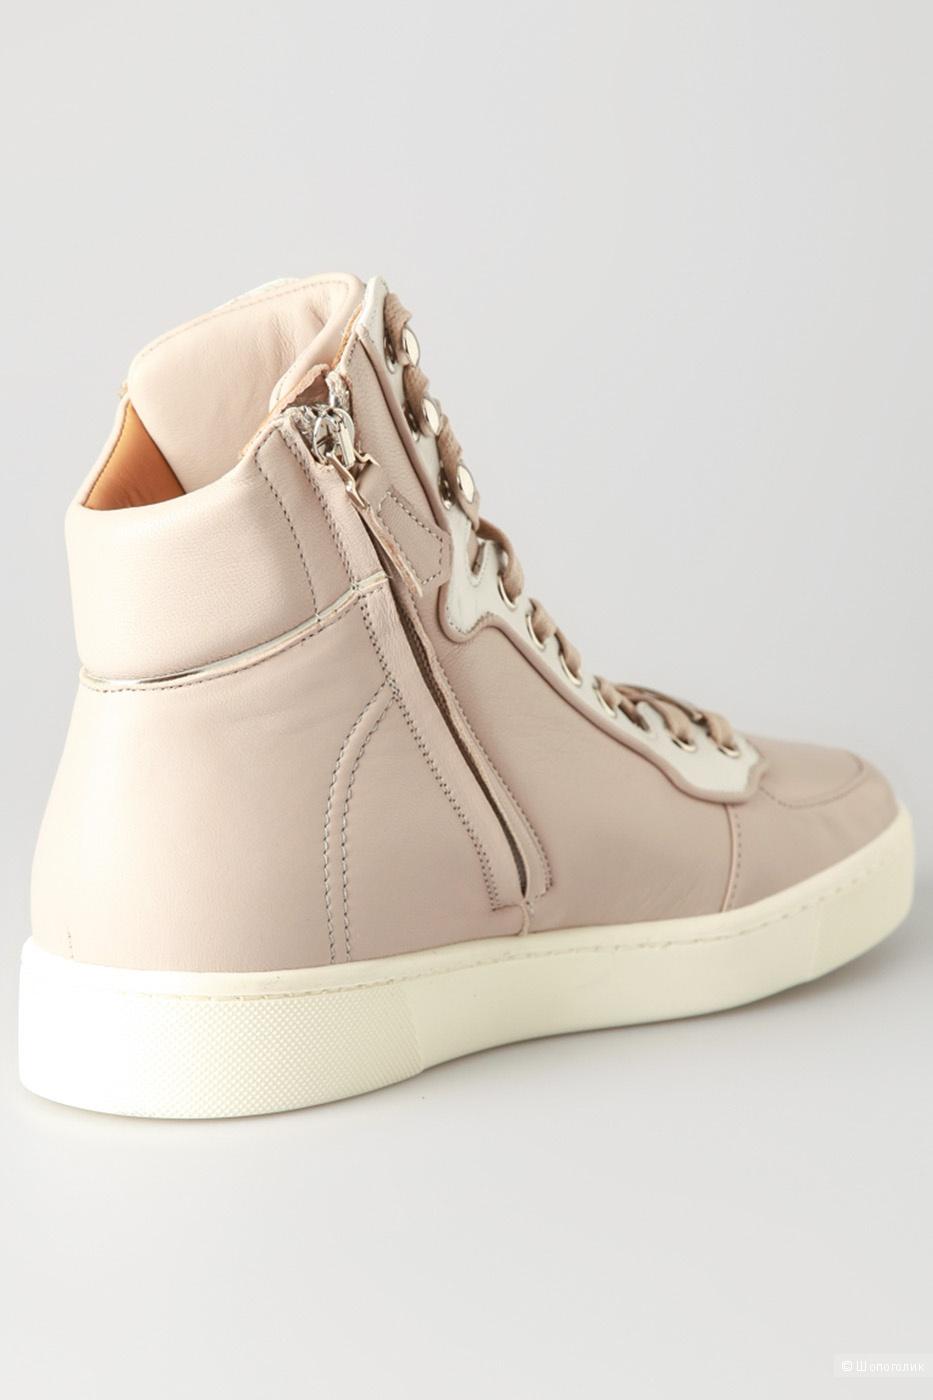 Пристрою новые ботинки nando muzi 39 размер